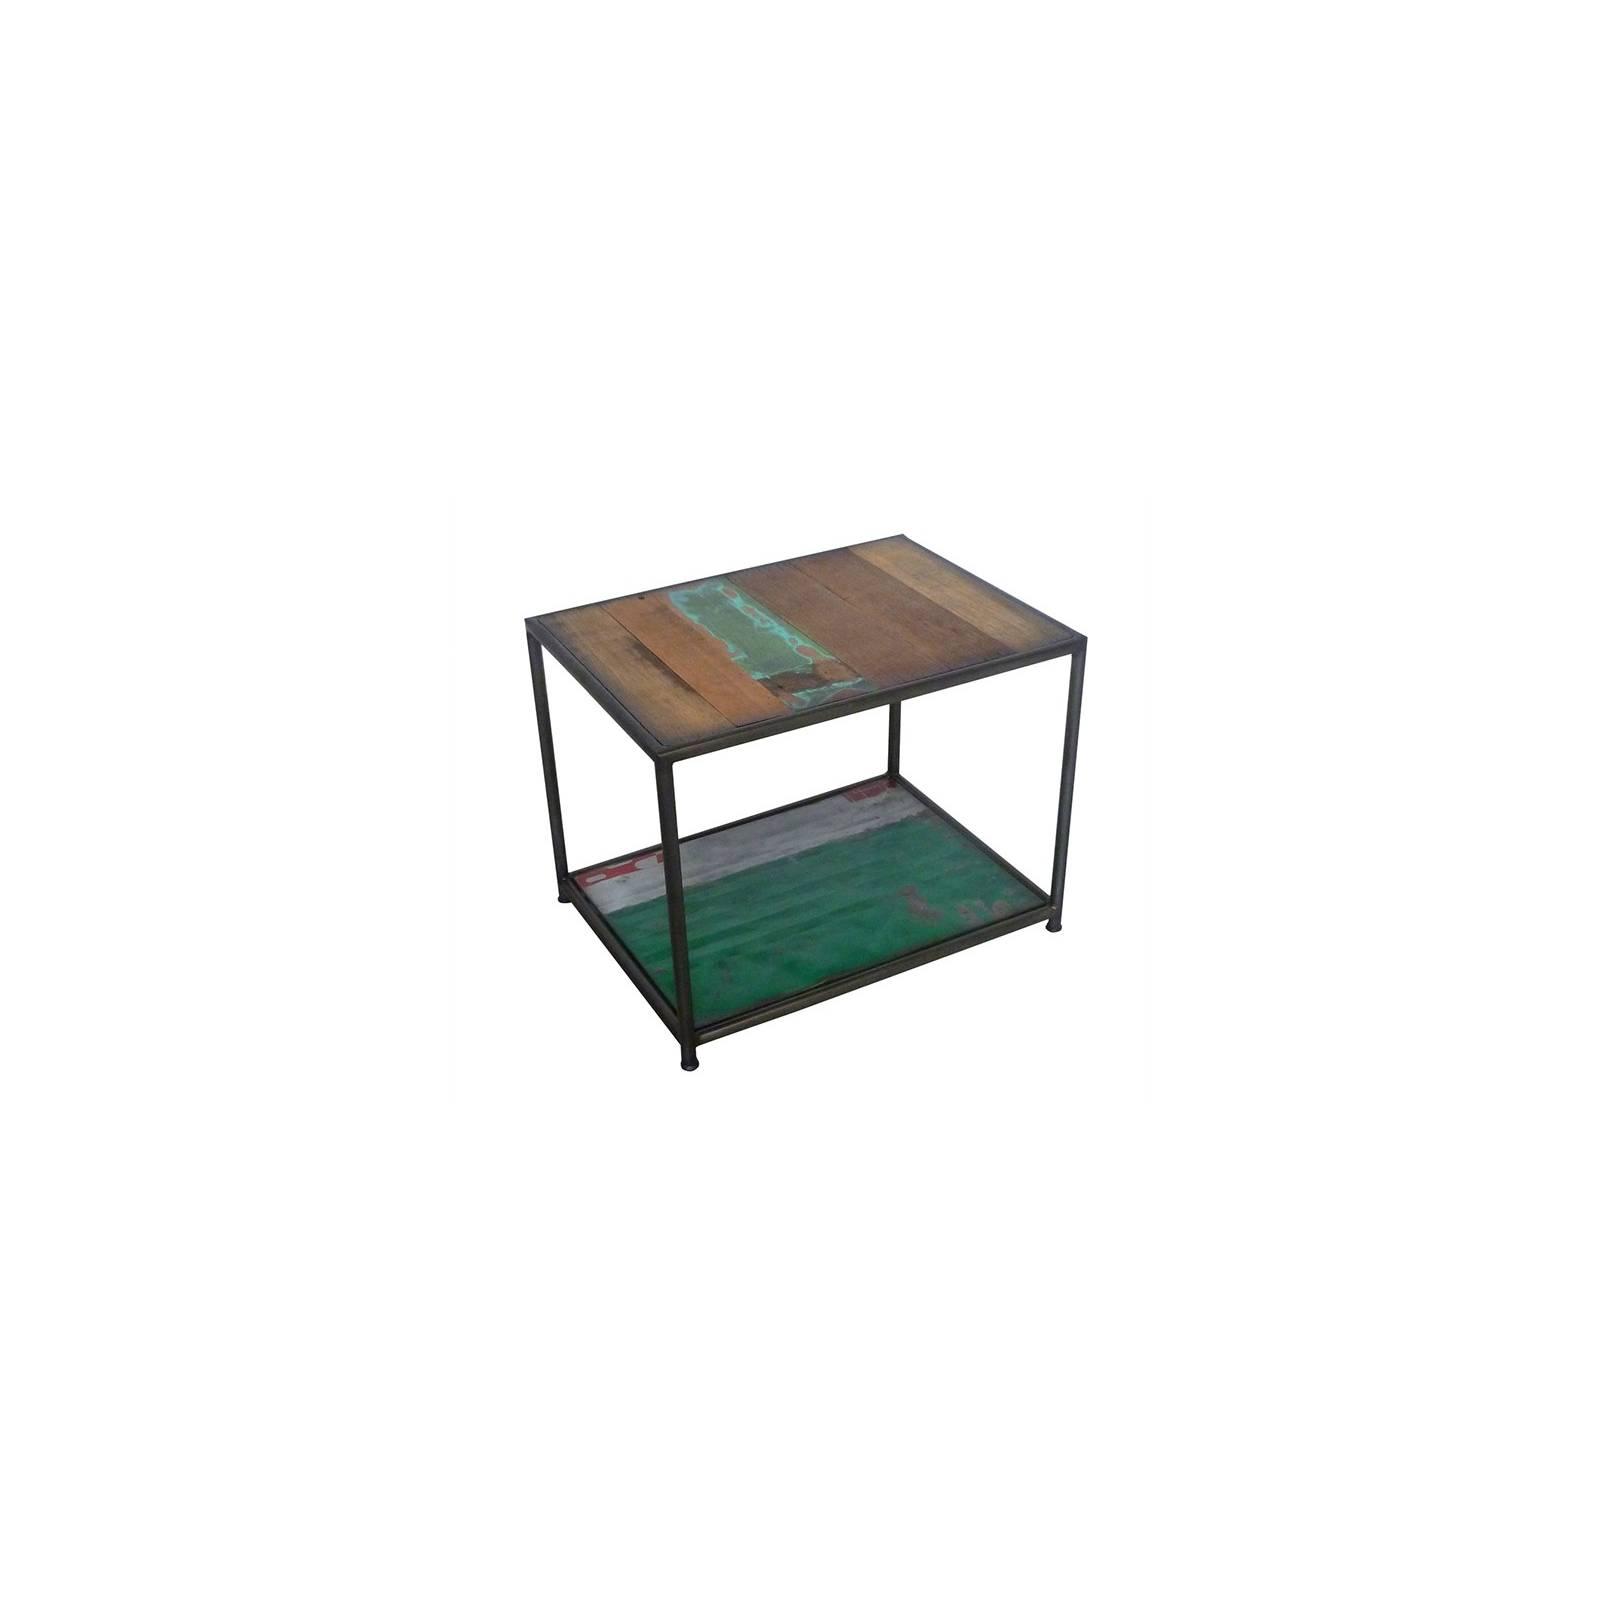 Table Basse Carrée Luxor Teck - meuble bois massif